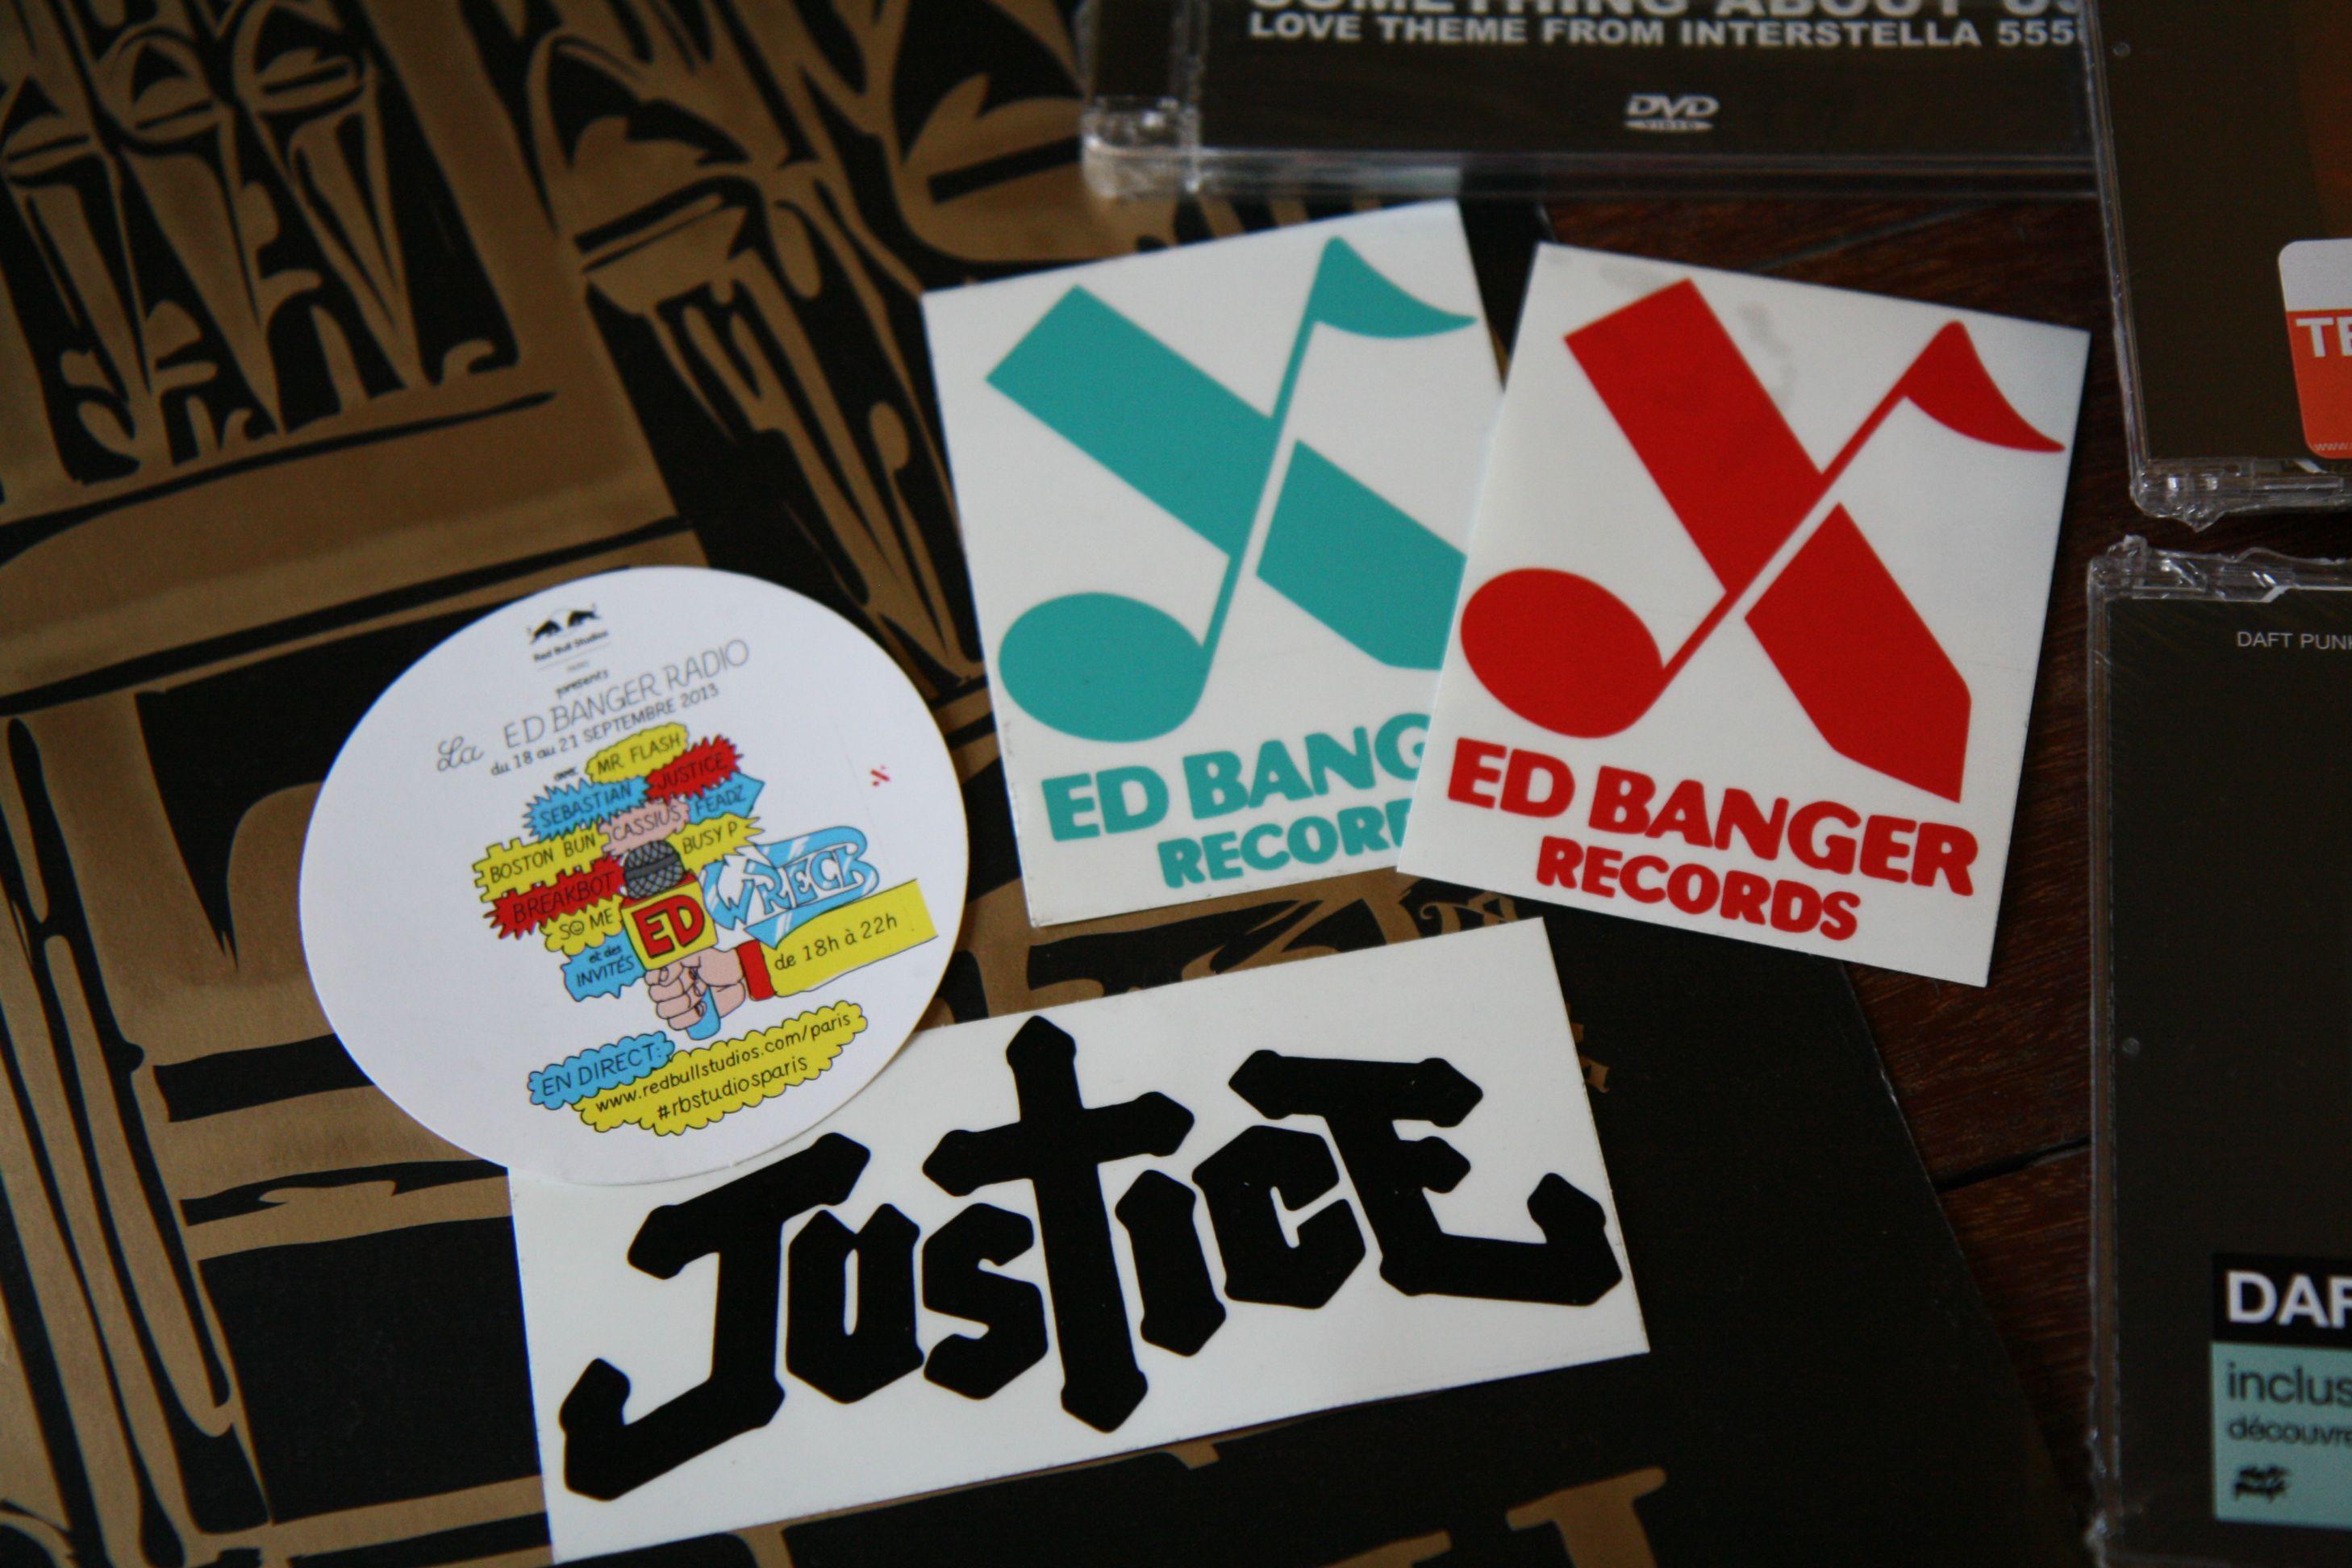 Ed Banger CD